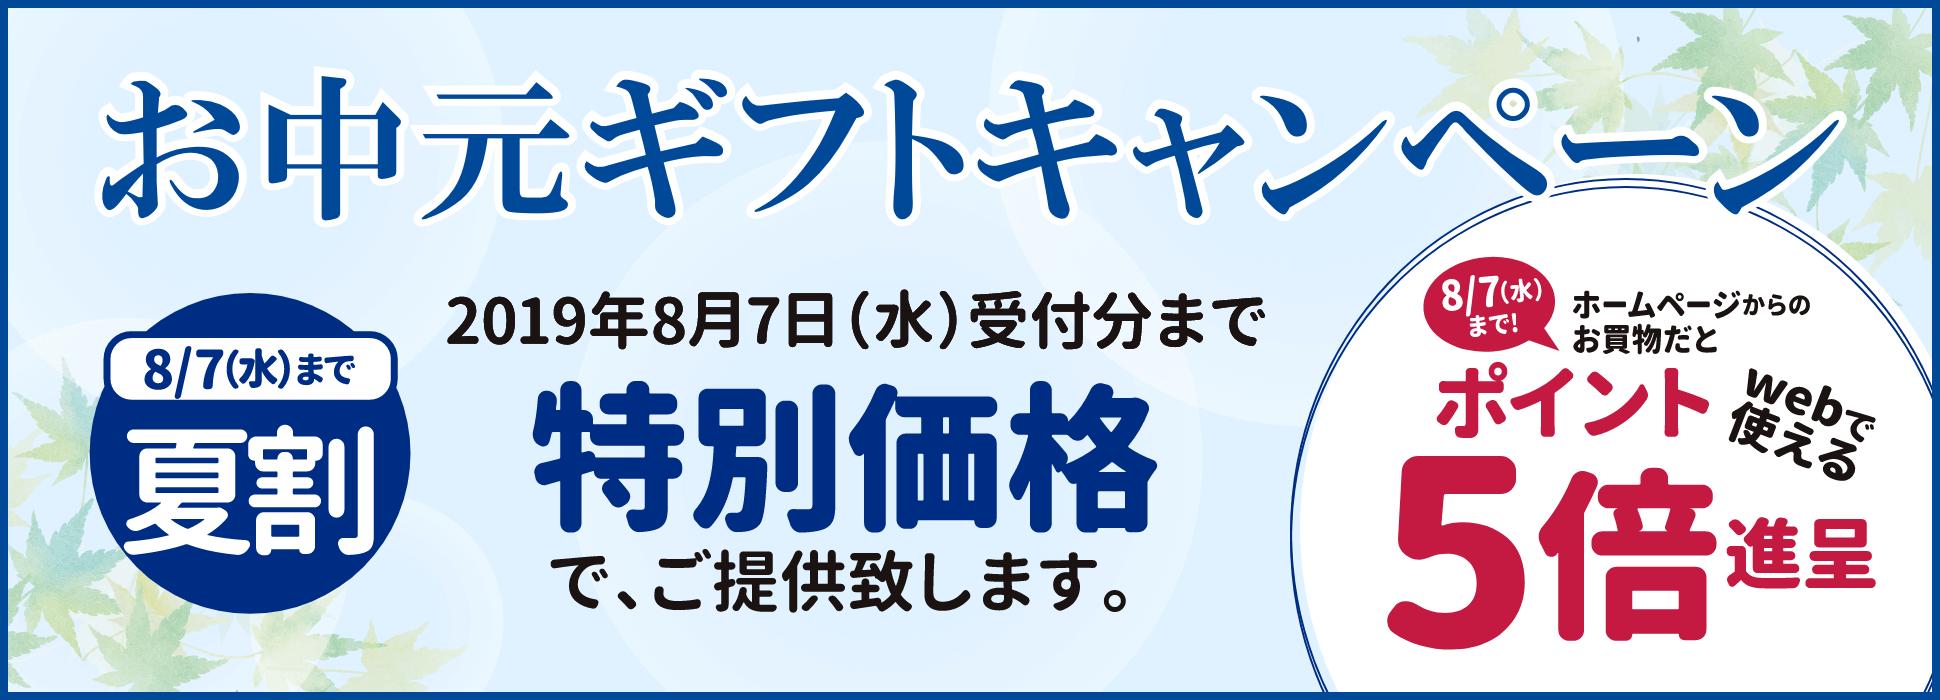 お中元キャンペーン